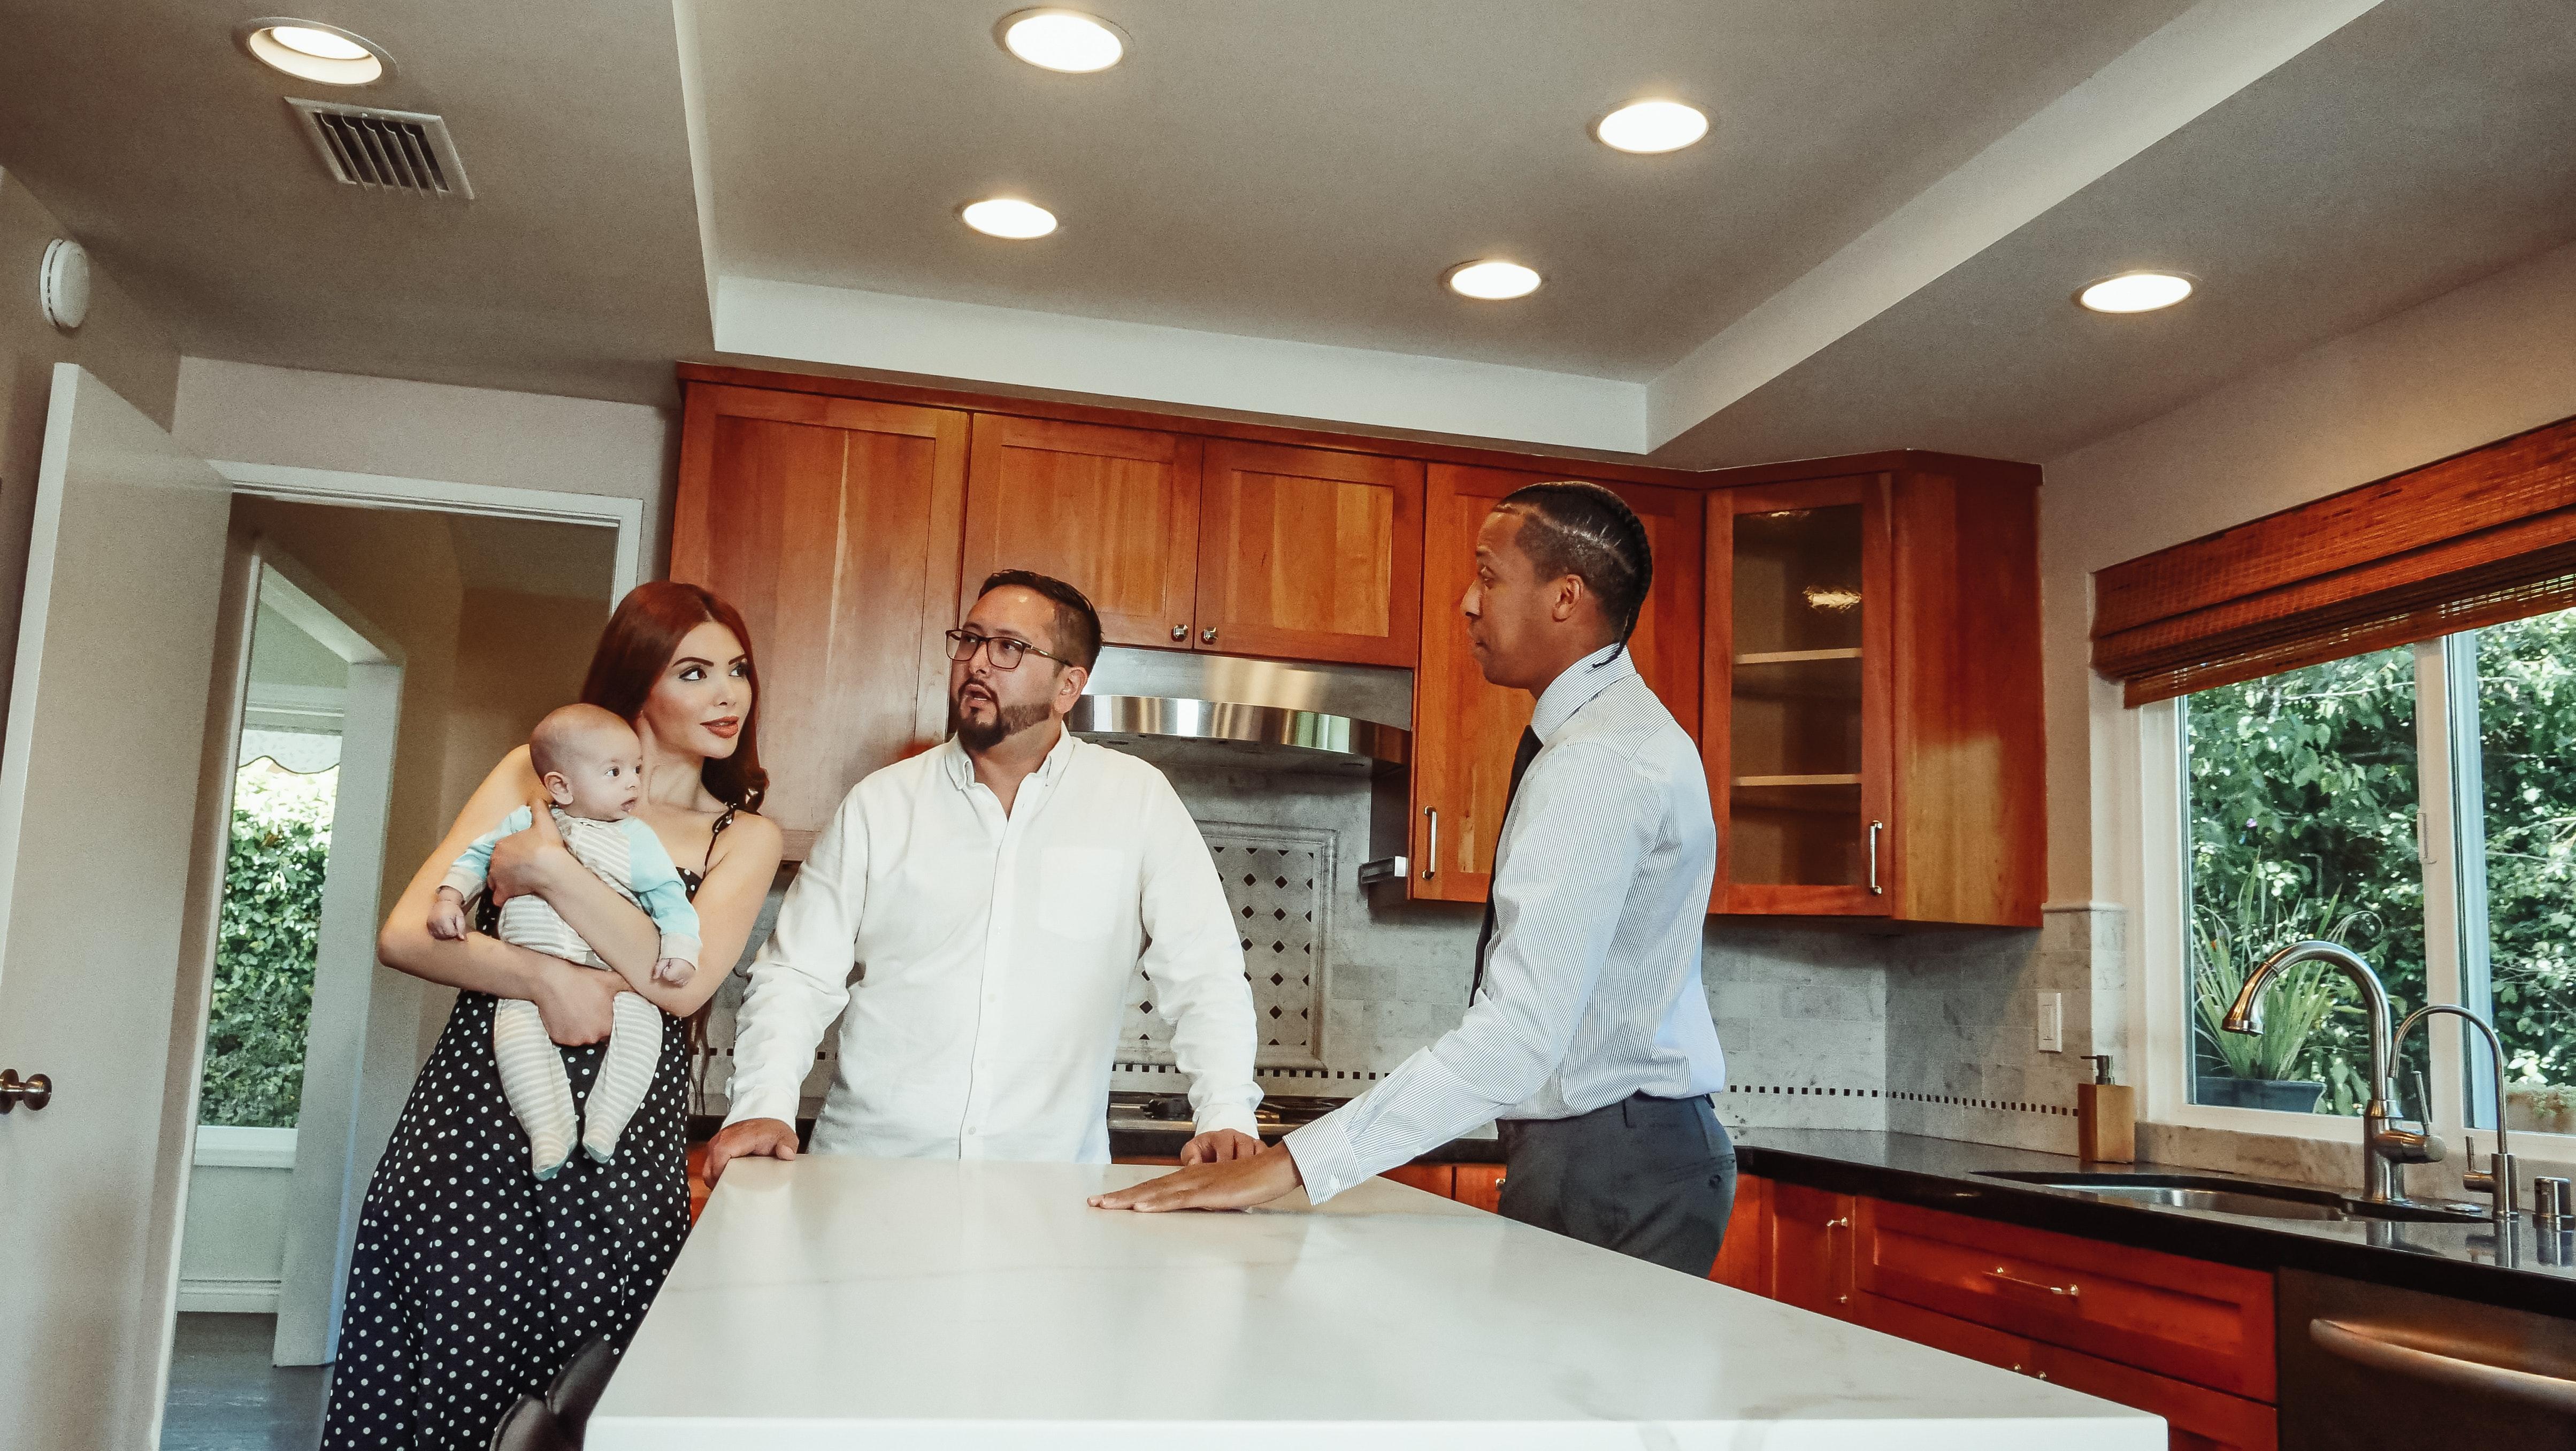 Avaliação da casa no crédito habitação